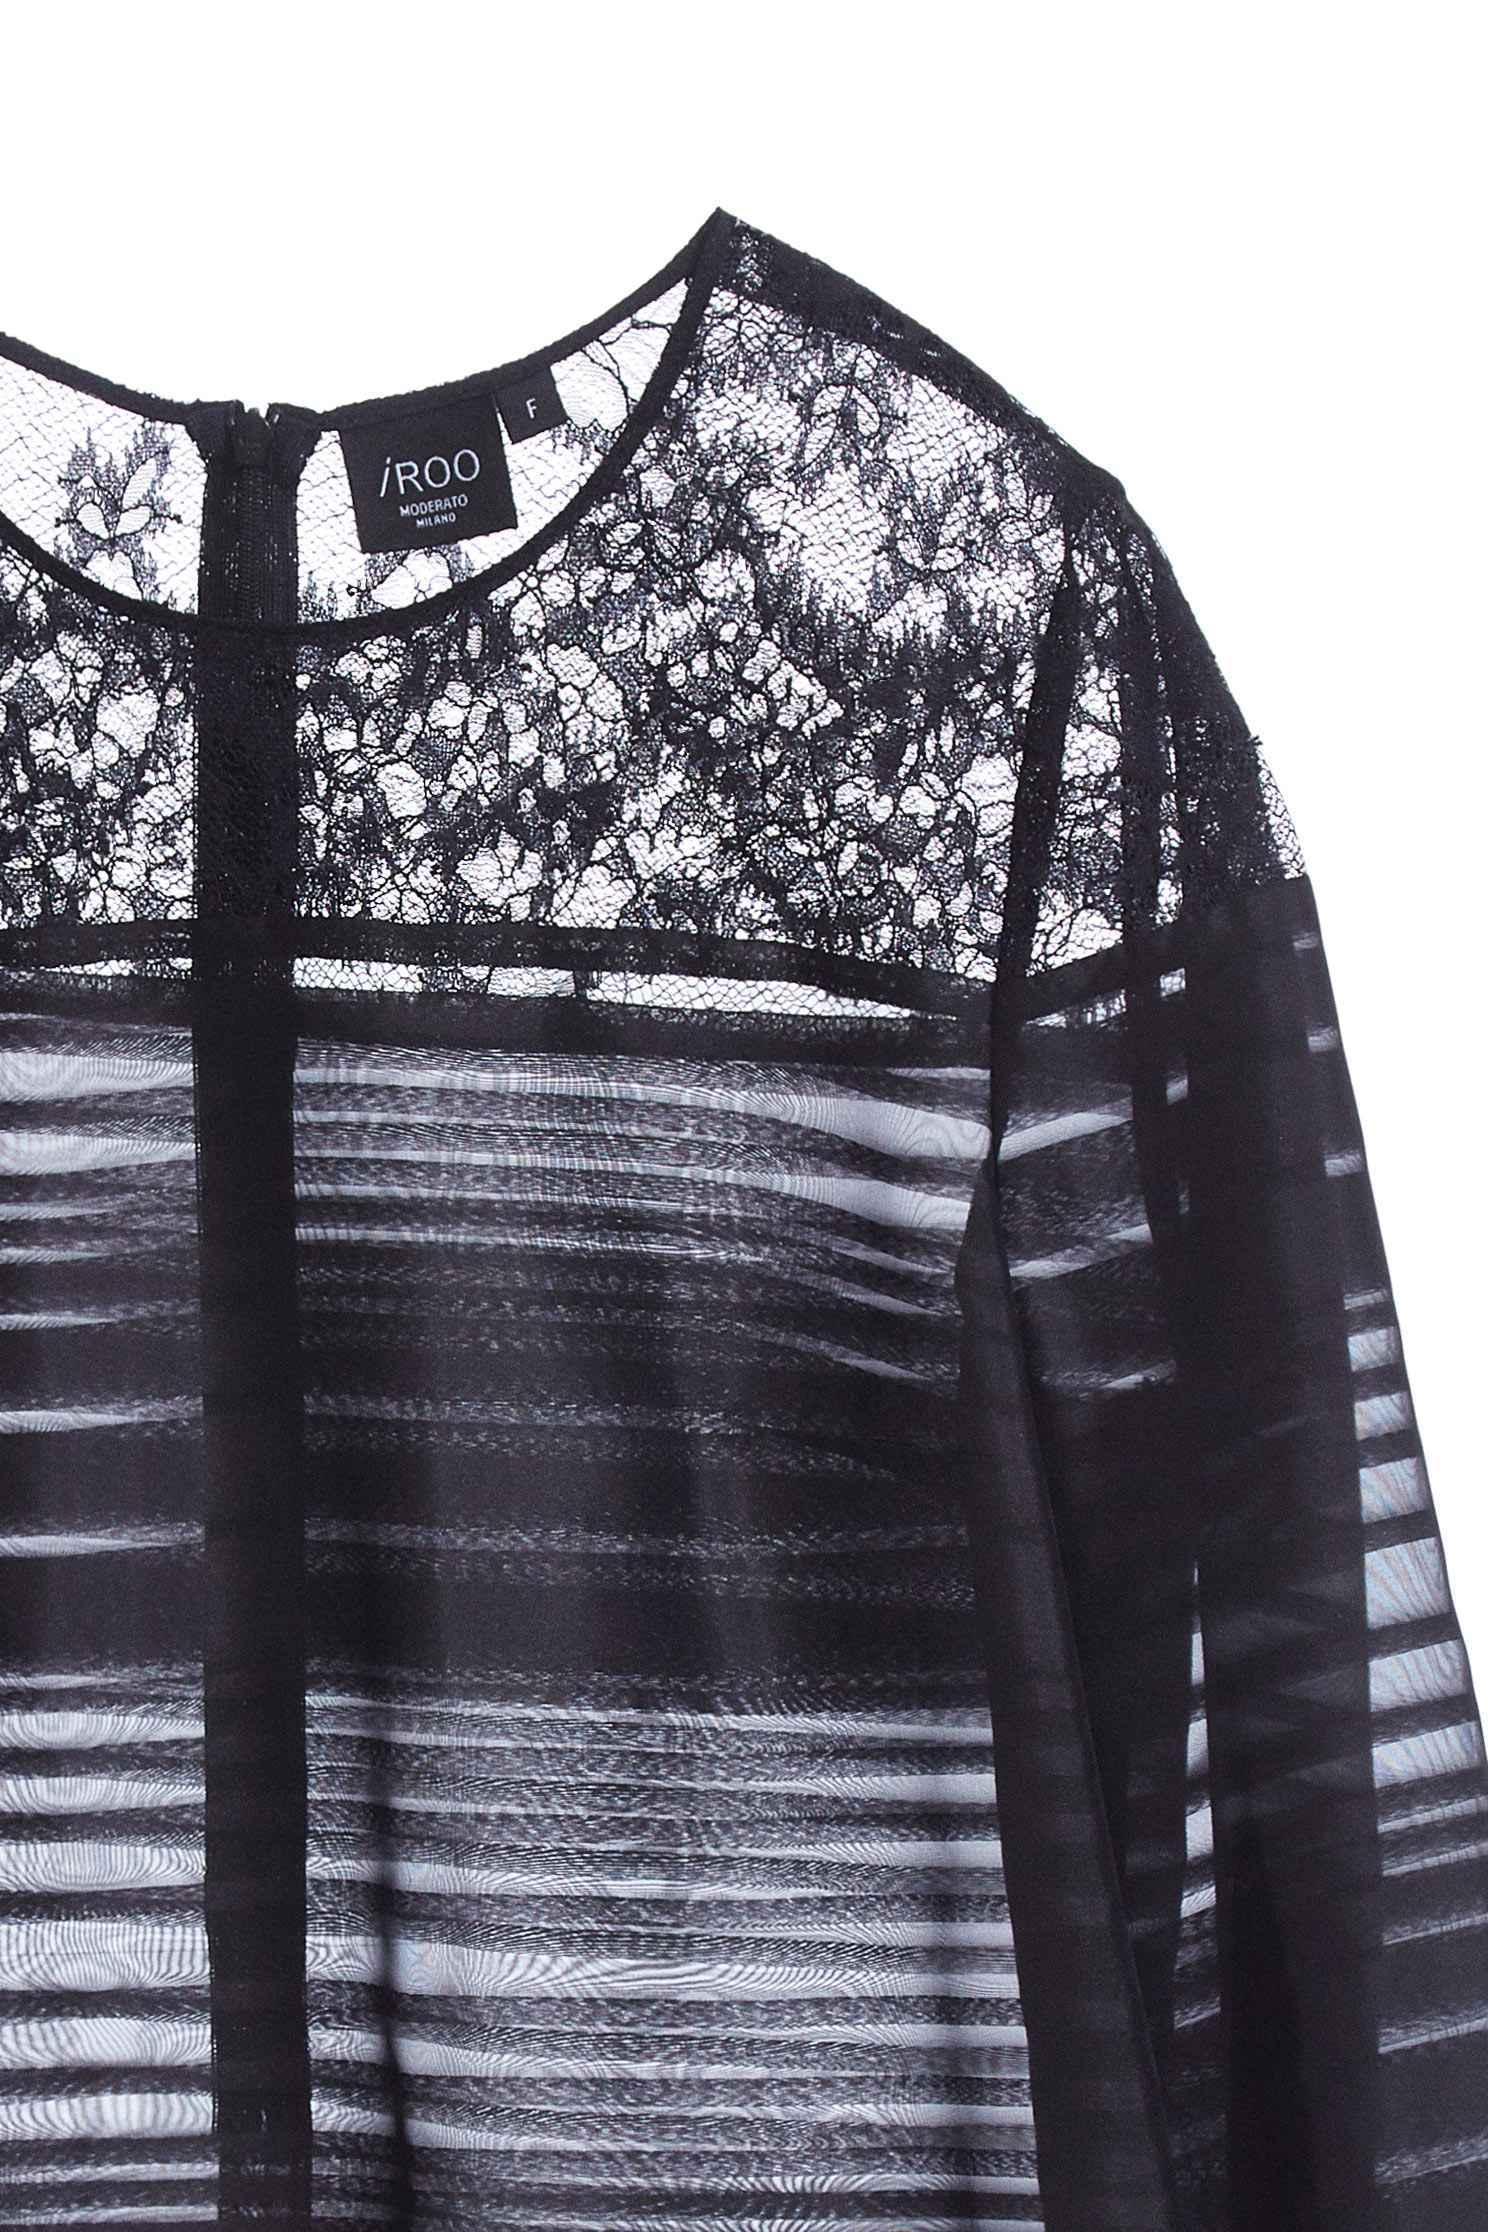 優雅透膚上衣,上衣,圓領上衣,春夏穿搭,秋冬穿搭,蕾絲,蕾絲上衣,透膚上衣,長袖上衣,黑色上衣